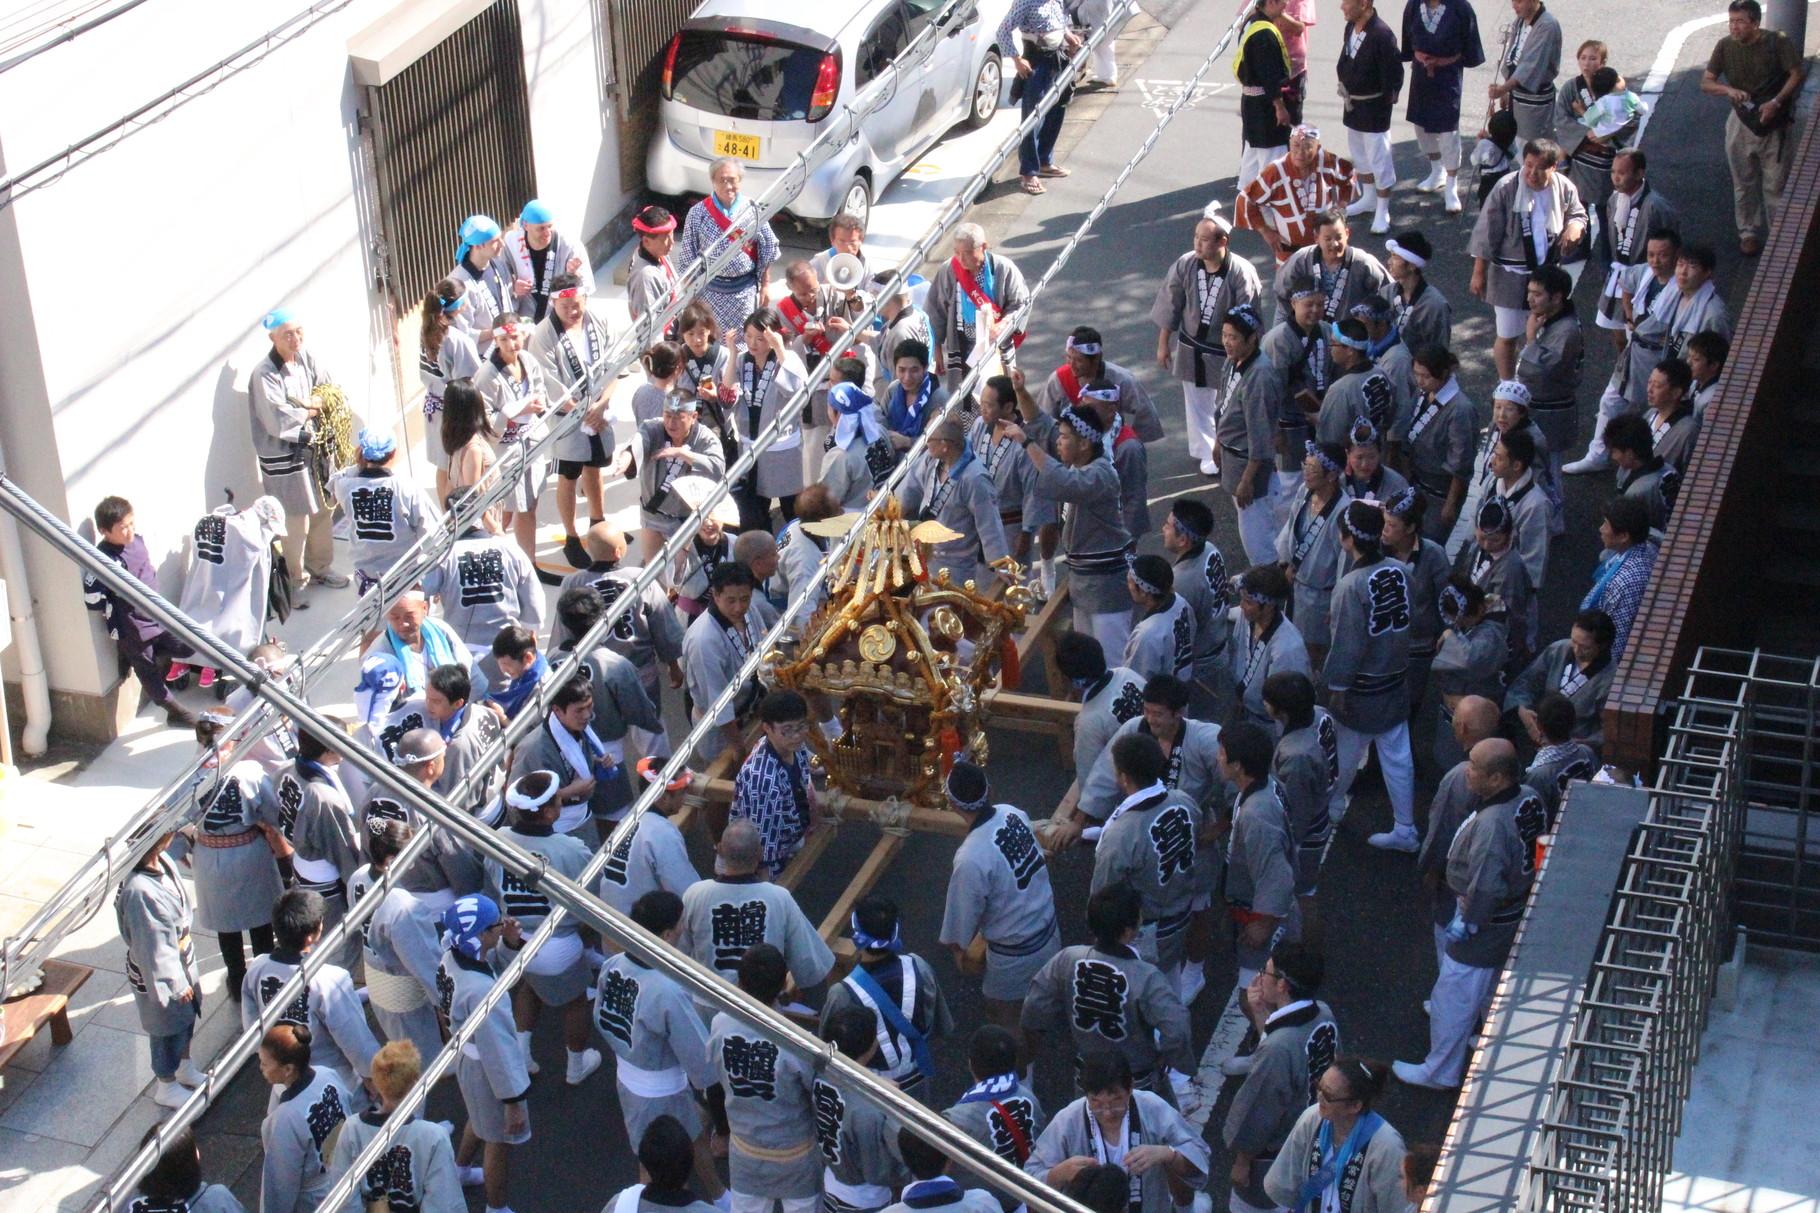 Die Mikoshi-Parade zieht vorbei.